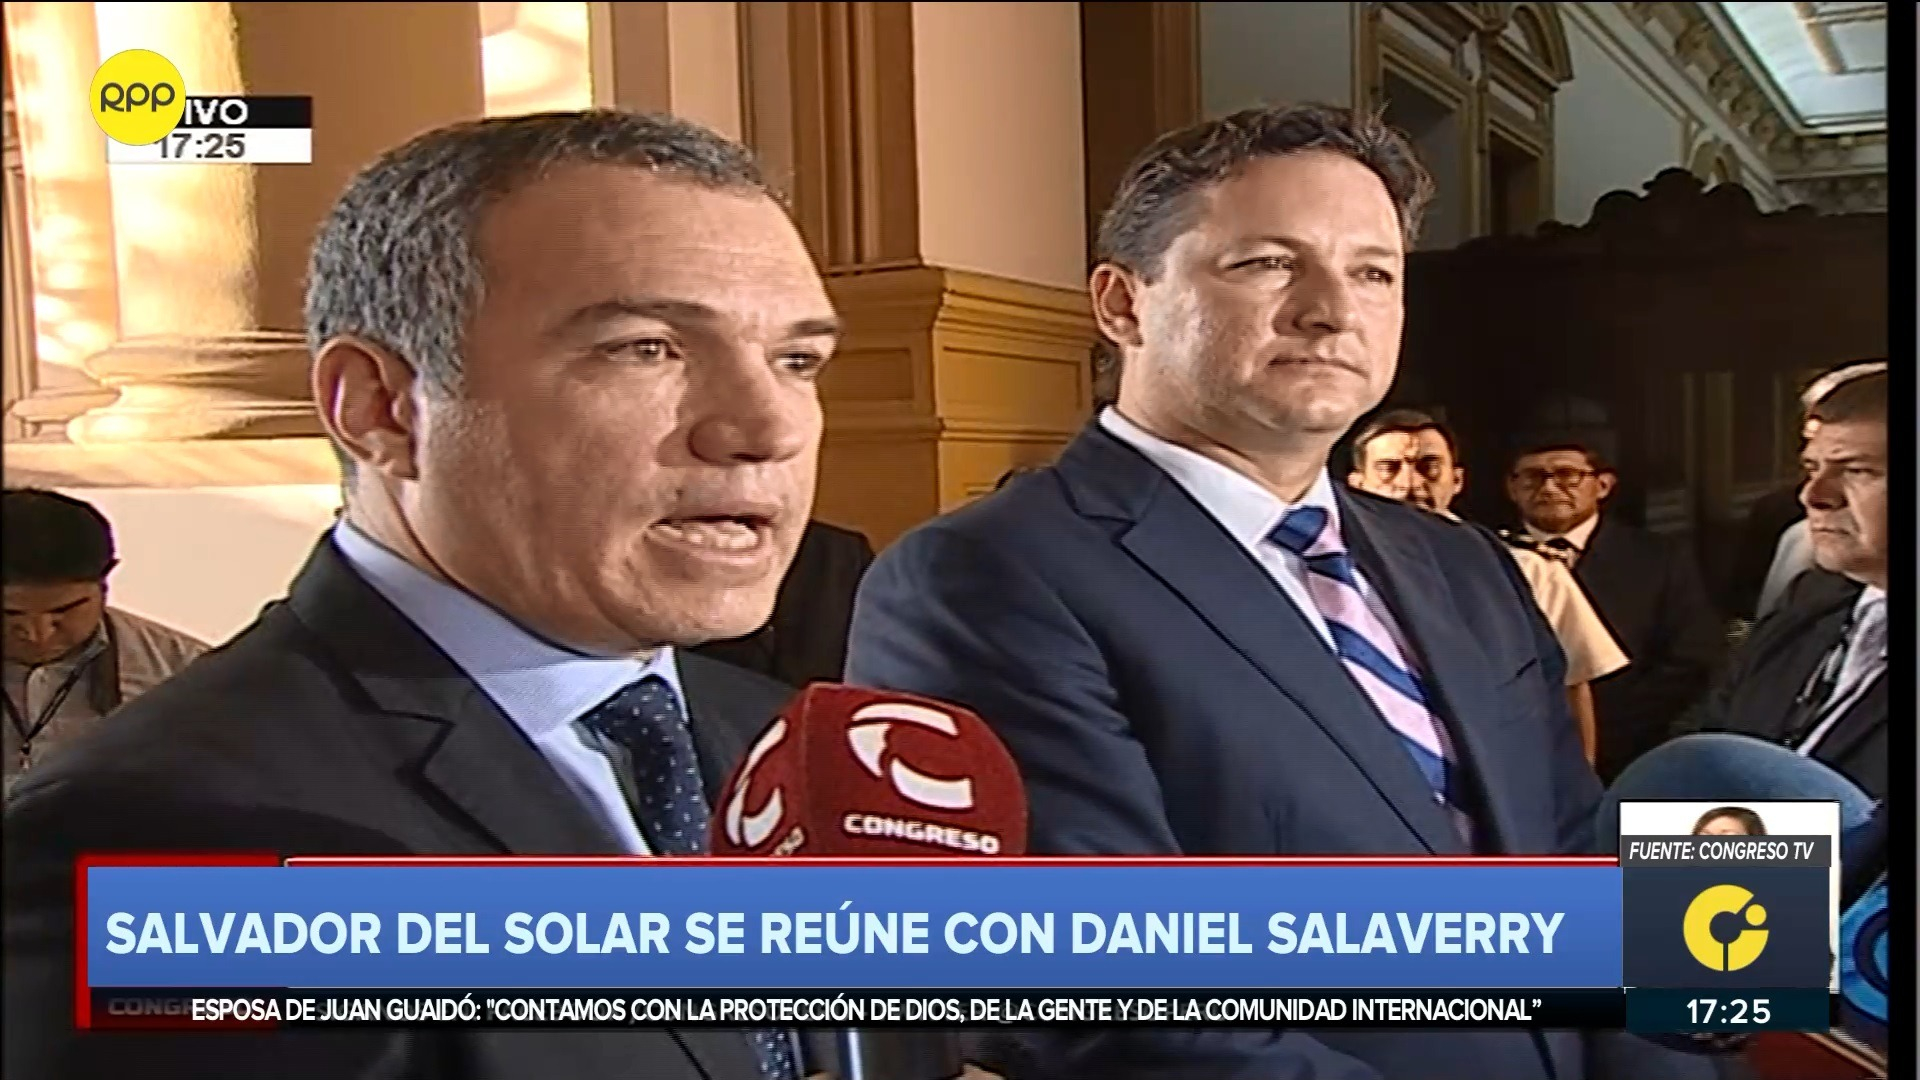 Salvador del Solar se reunió este lunes con el presidente del Congreso, Daniel Salaverry.